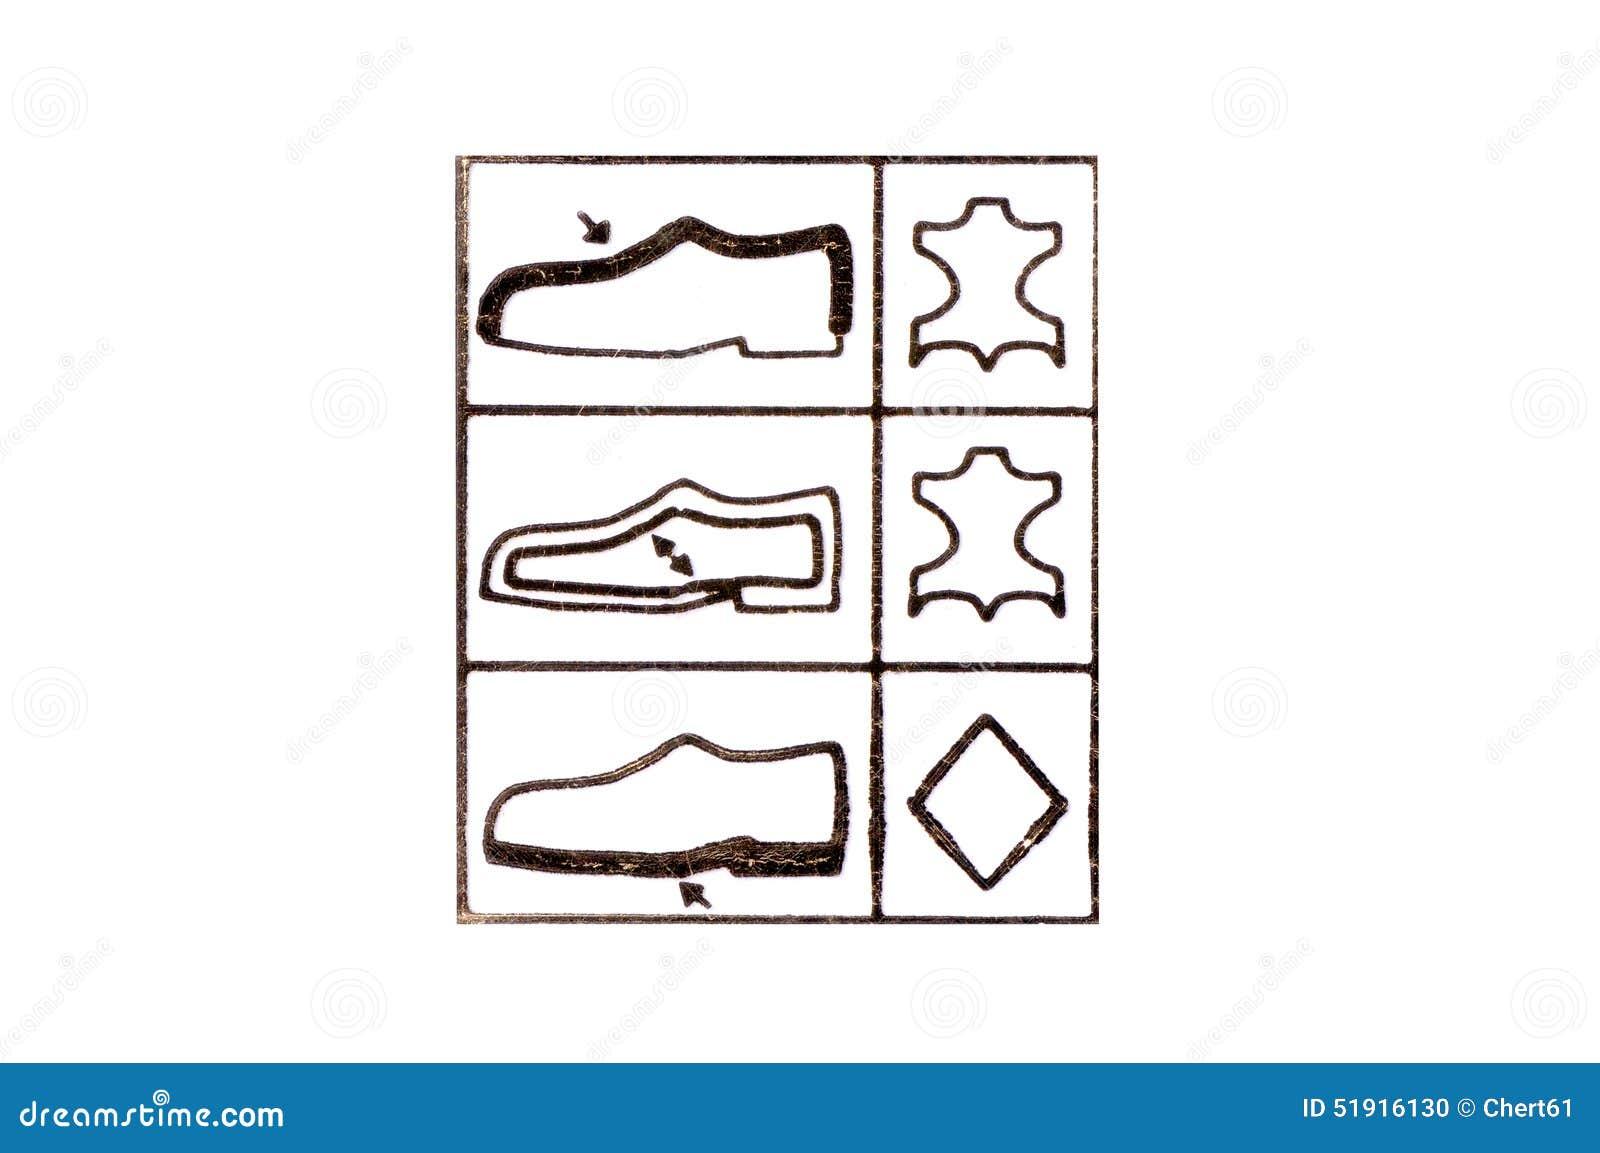 e25a57547 Símbolo Da Etiqueta Dos Calçados Foto de Stock - Imagem de sinal ...